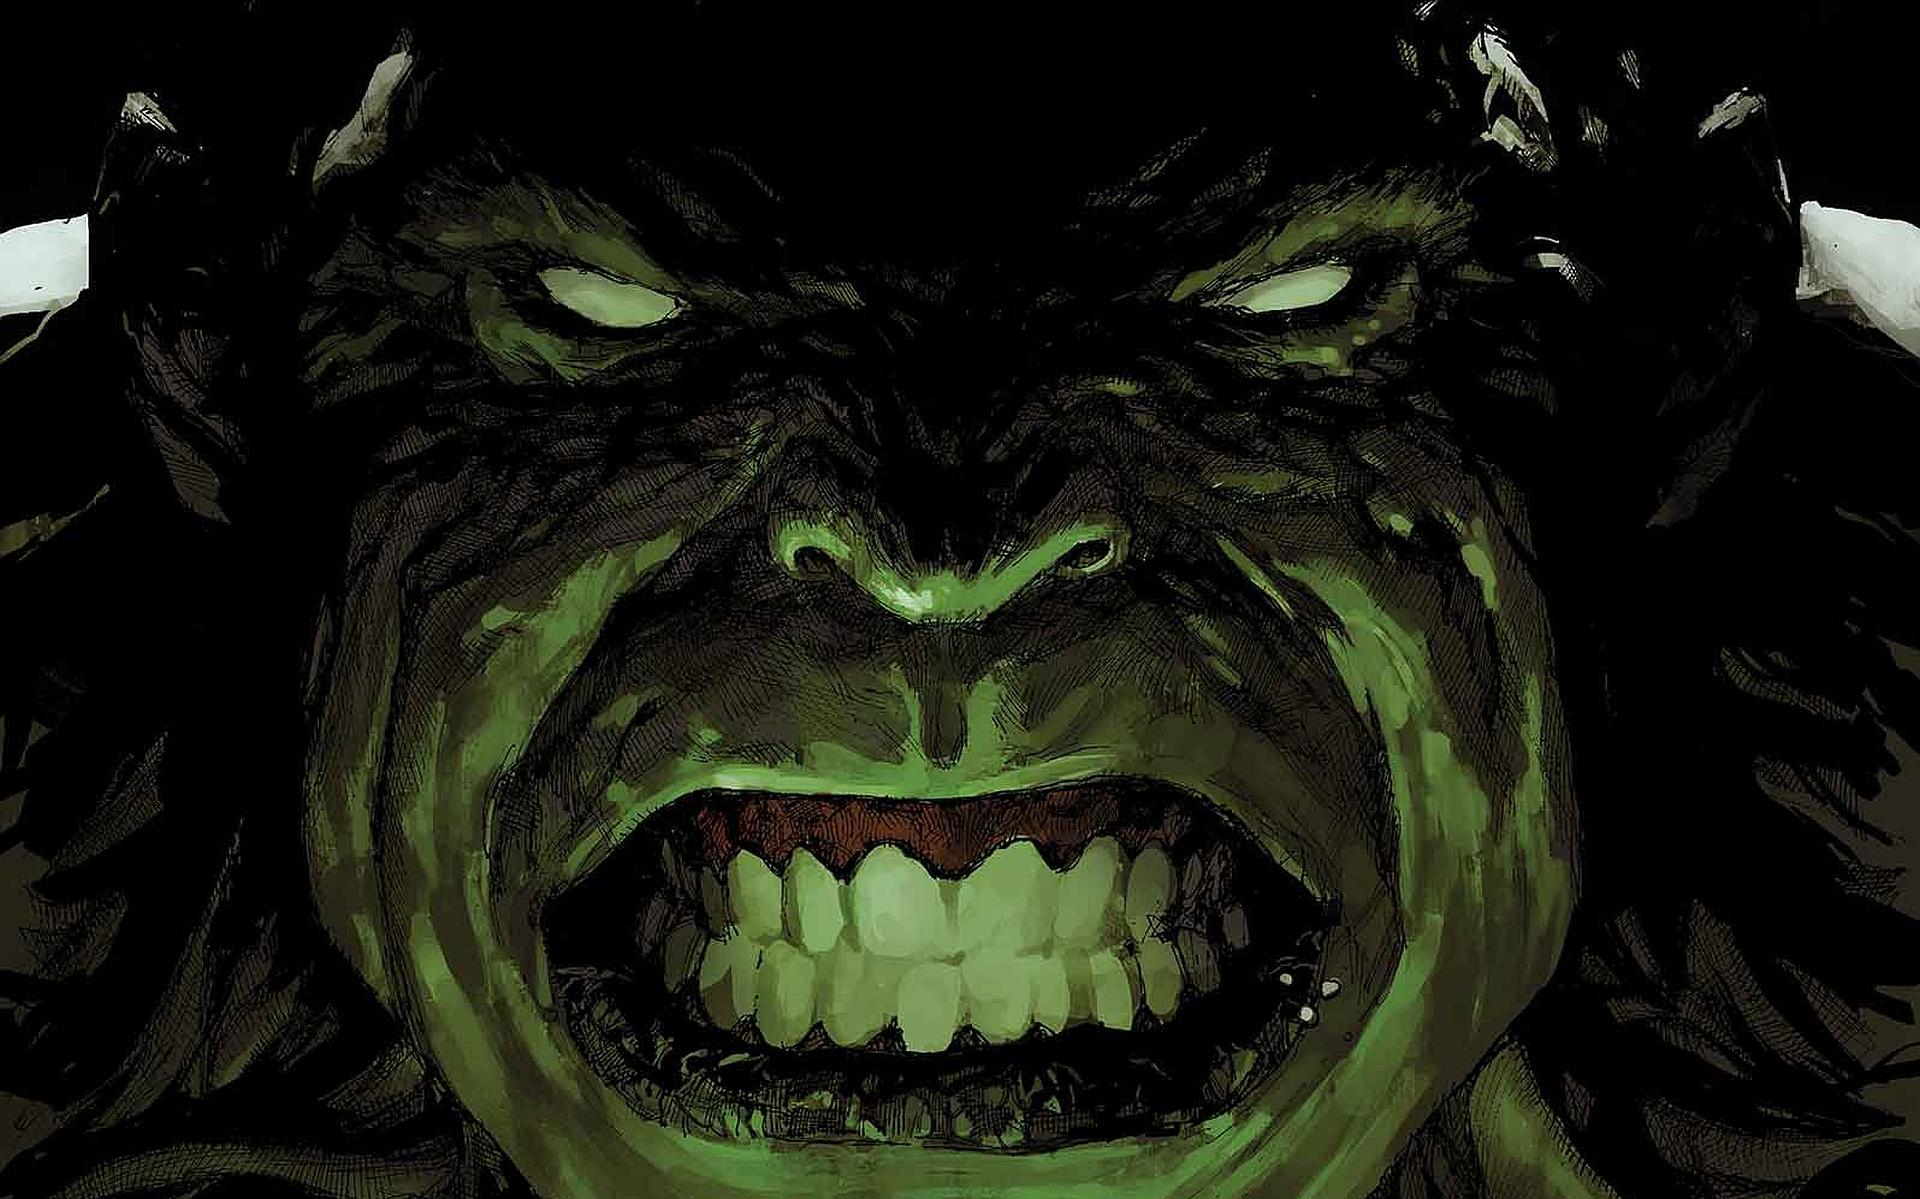 batman vs superman Hulk Wallpaper Android Images 1920x1199